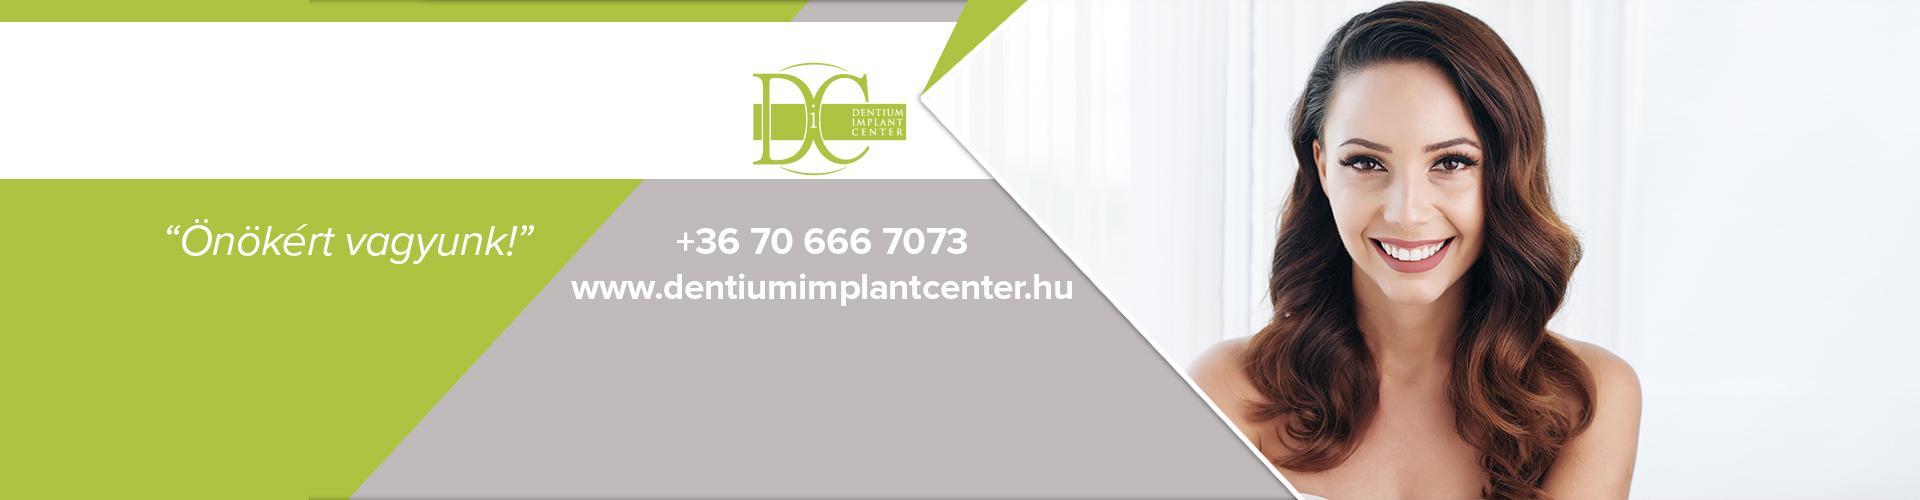 Dentium Implant Center